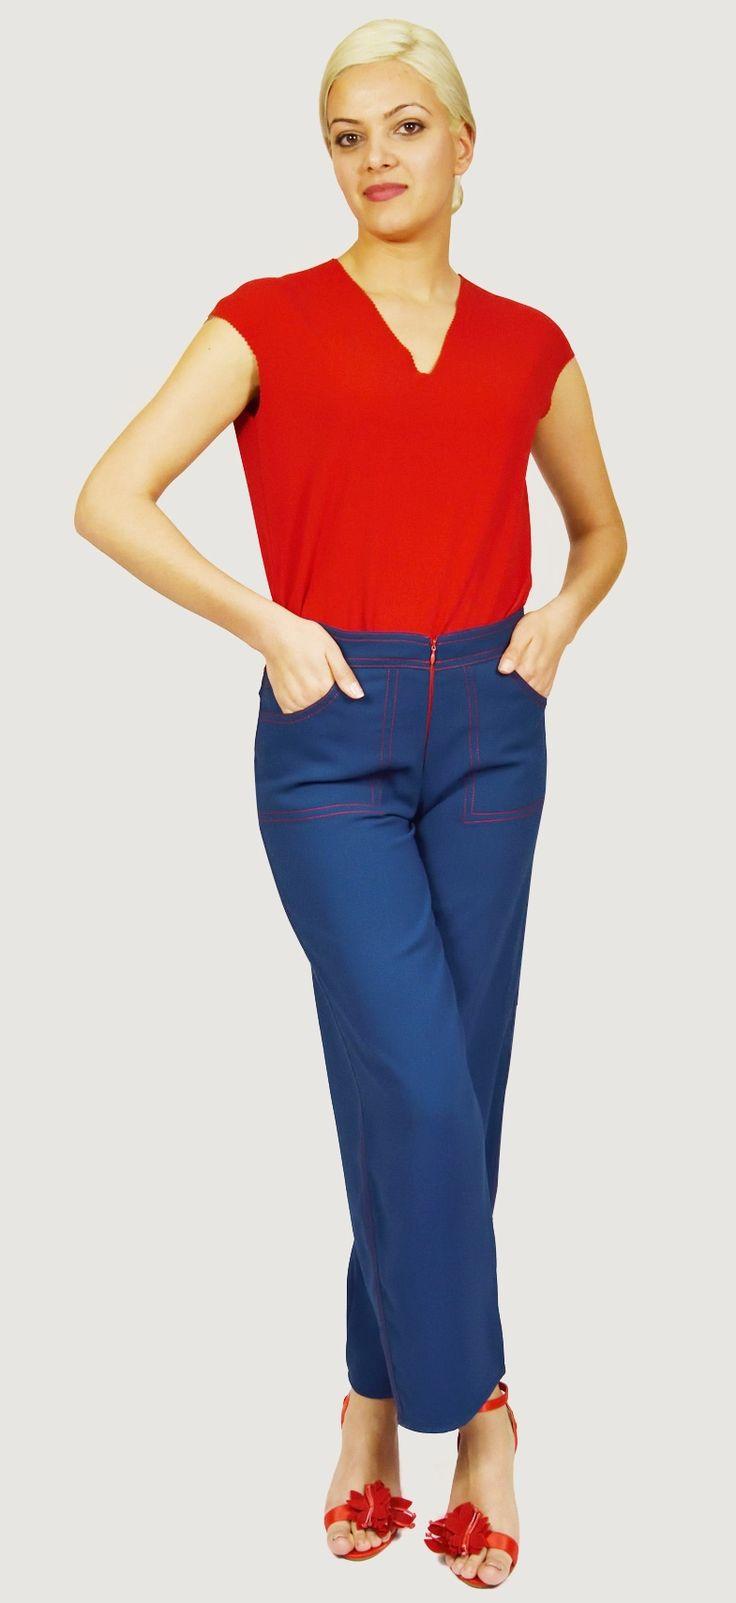 Pantalón Azul en algodón,cuatro bolsillos, con pespuntes rojos y cremallera roja delantera. Muy original e informal. Por el tobillo